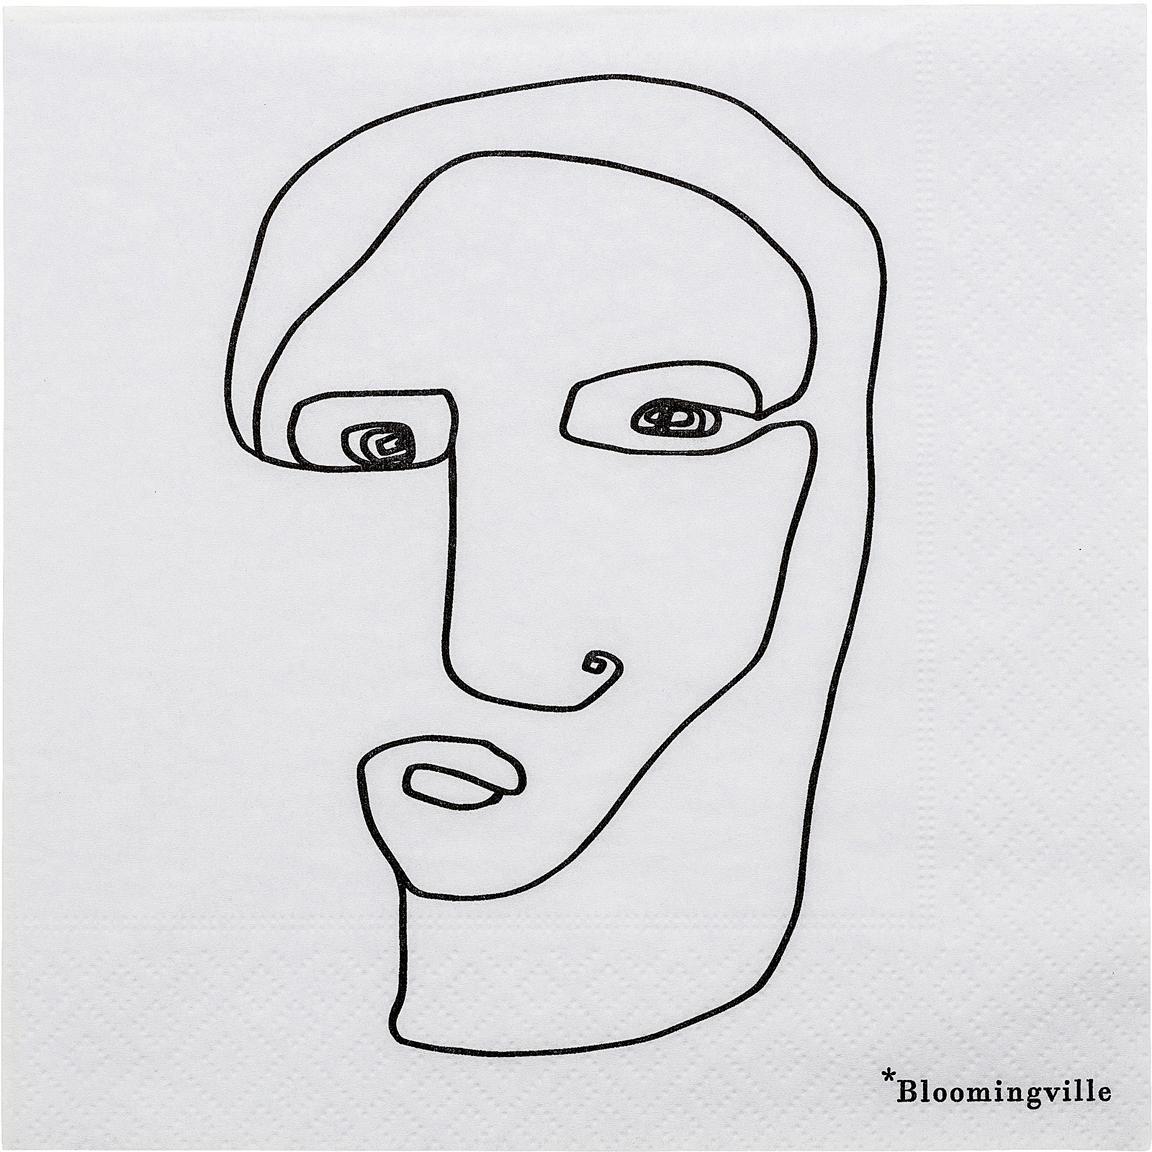 Papier-Servietten Visage, 20 Stück, Papier, Weiß, Schwarz, 33 x 33 cm